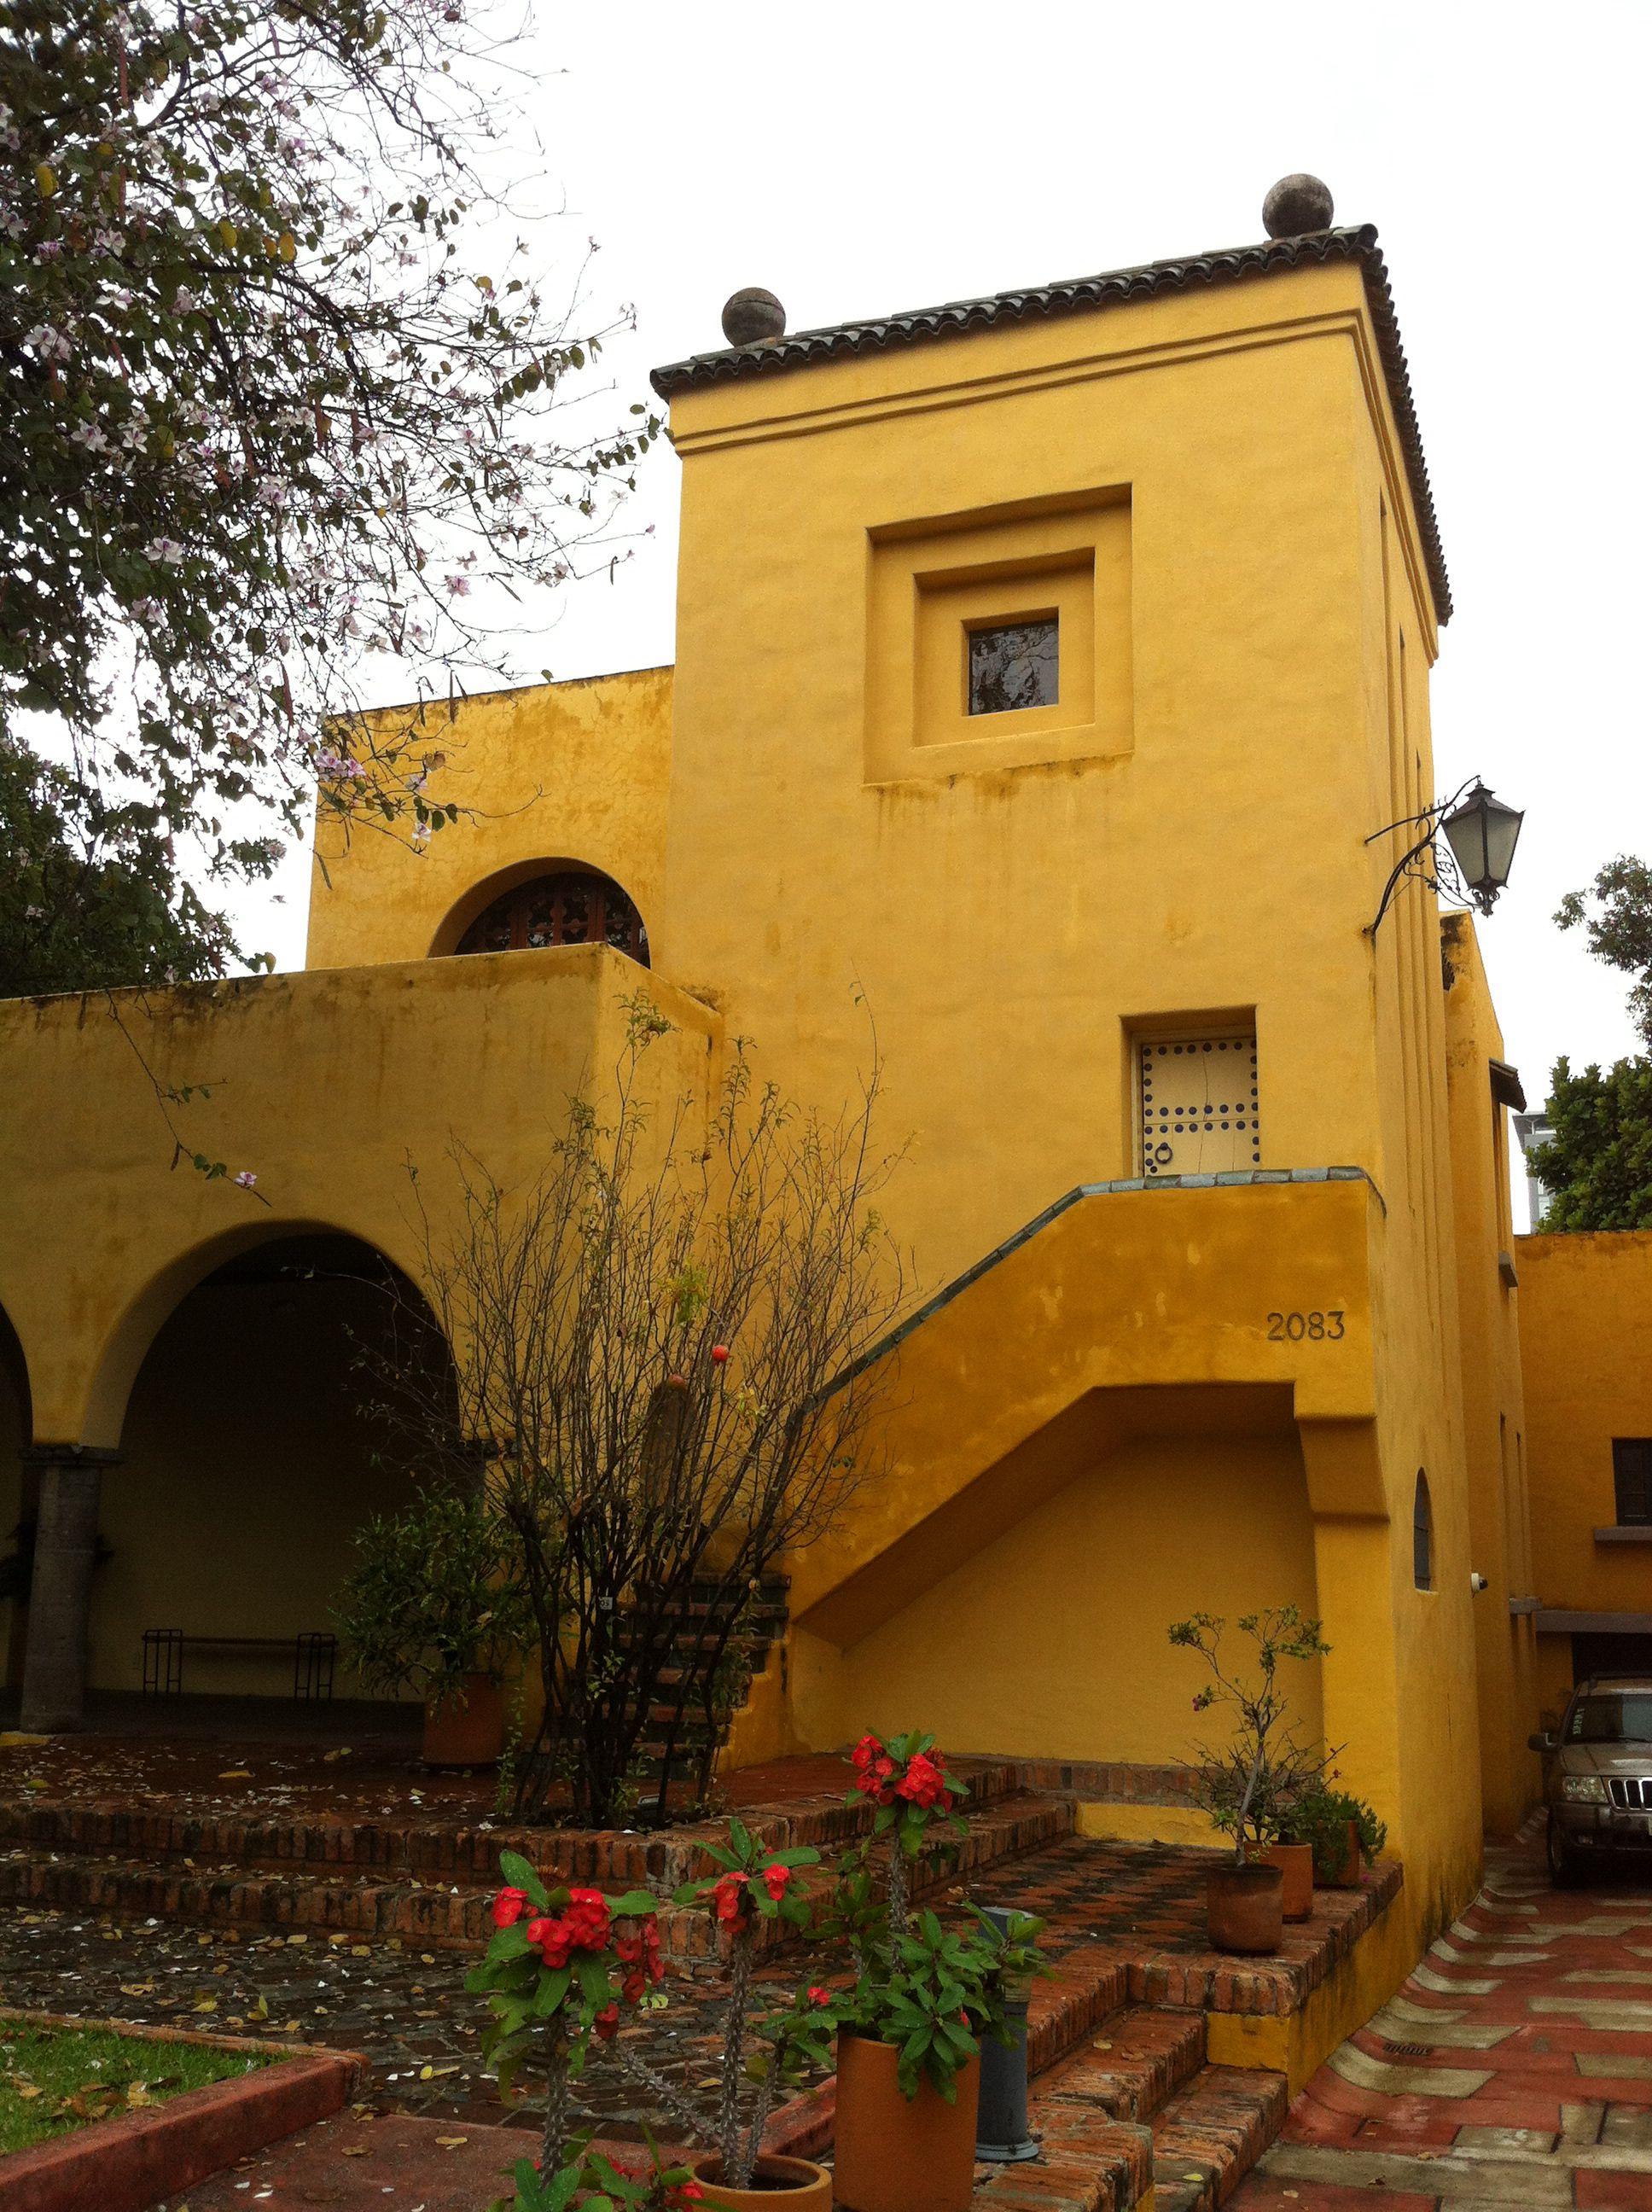 Casa Clavigero 1929 By Mexican Architect Luis Barragán Guadalajara Arquitectura Arquitectura Mexicana Luis Barragan